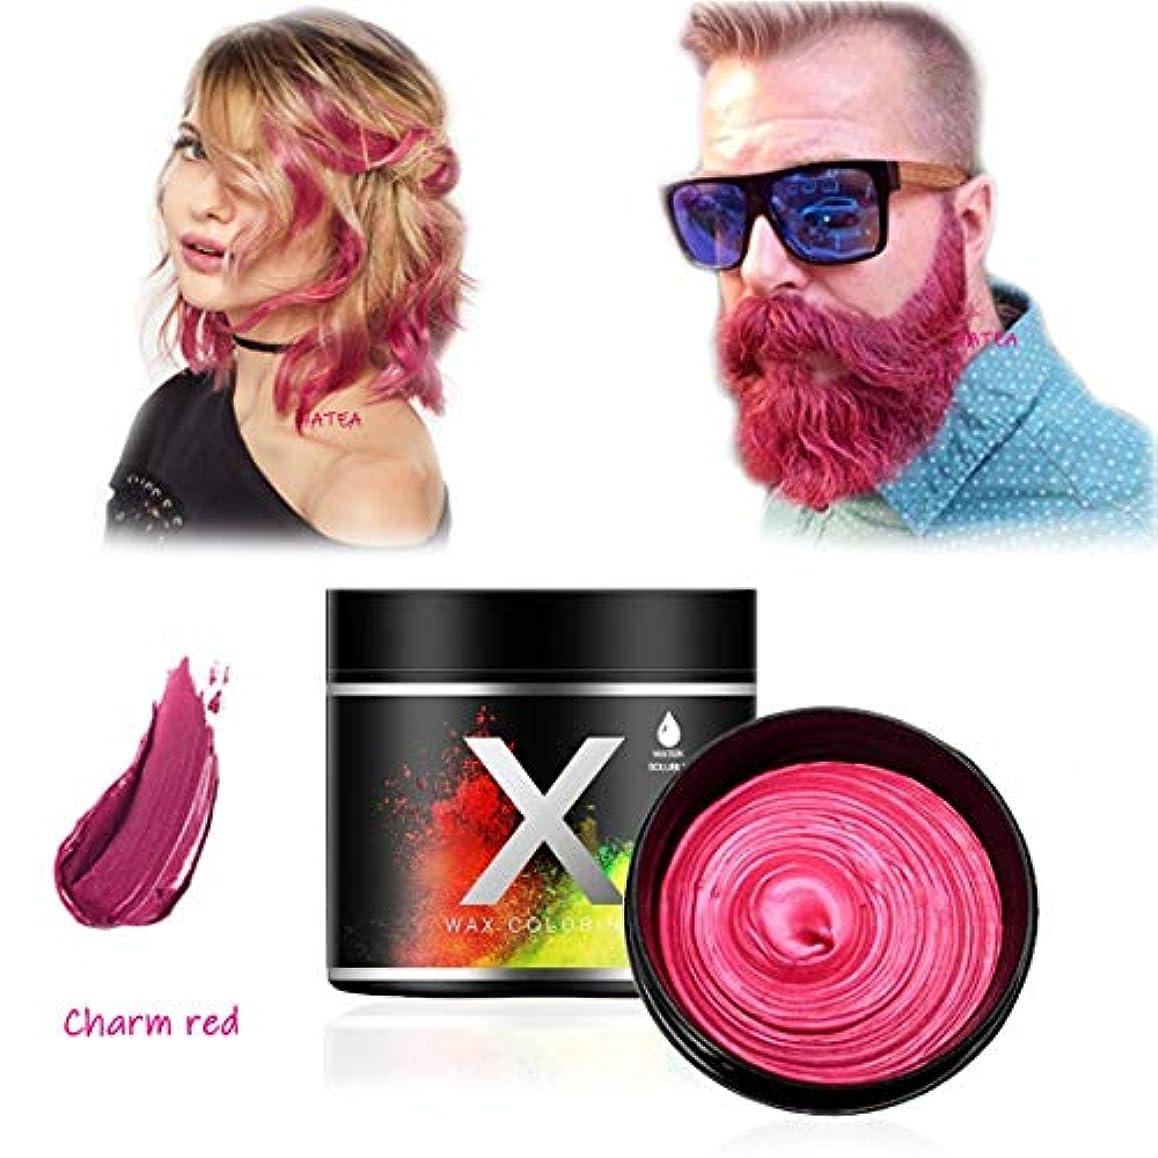 異なるインク逃げるヘアカラーワックス、一時的なモデリングナチュラルカラーヘアダイワックス、一時的なヘアスタイルクリーム、パーティー、コスプレ、パーティー、仮装、ナイトクラブ、ハロウィンのためのスタイルワックス (レッド)